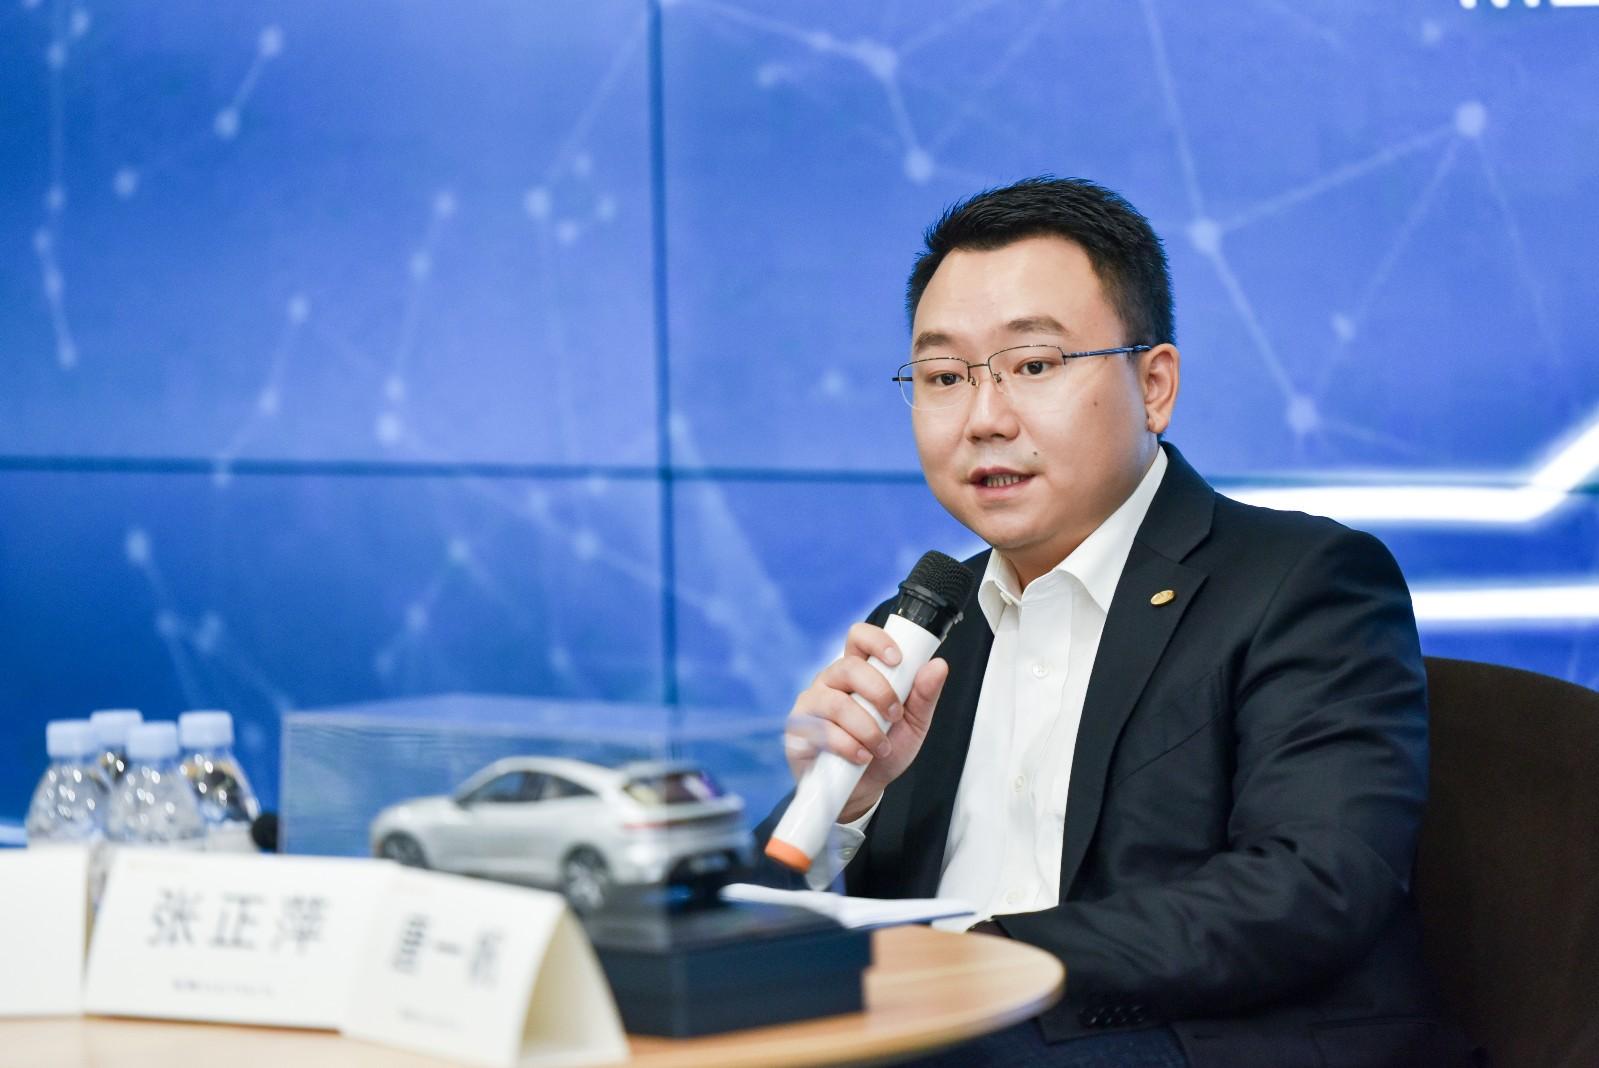 金康SERES创始人兼CEO张正萍